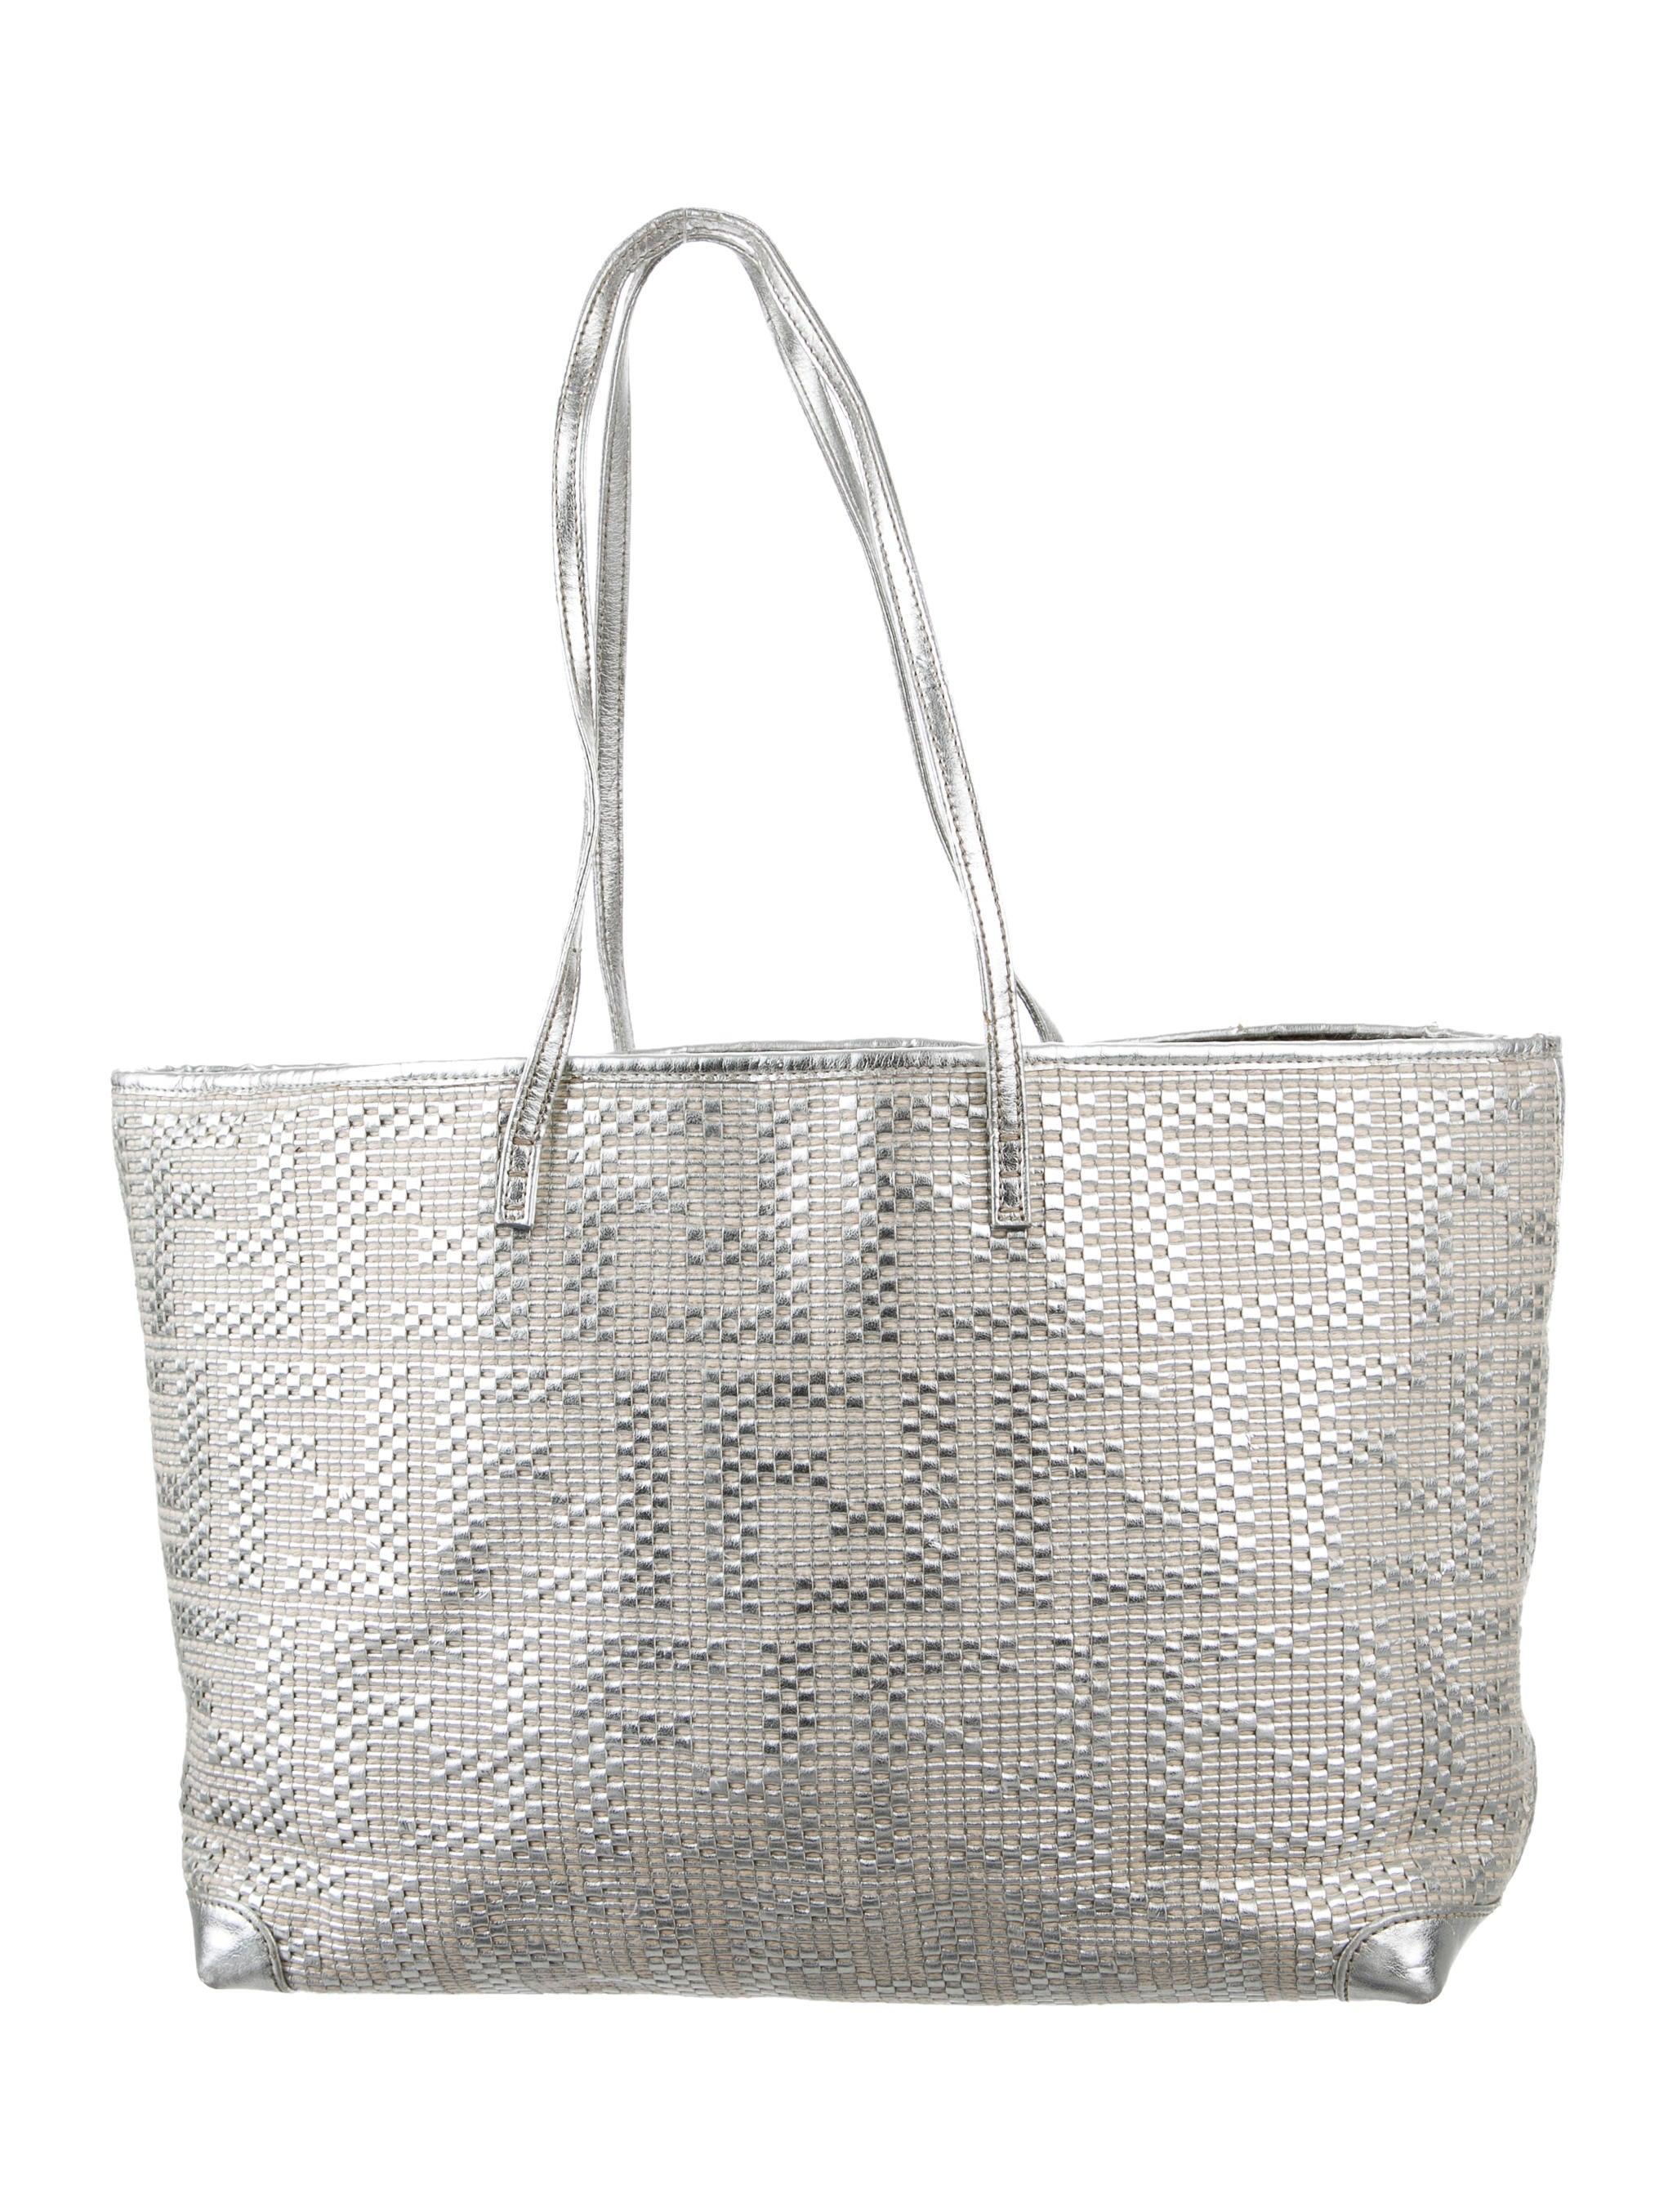 Fendi Matrioska Metallic Tote - Handbags - FEN59341  f5eb48fcf3347